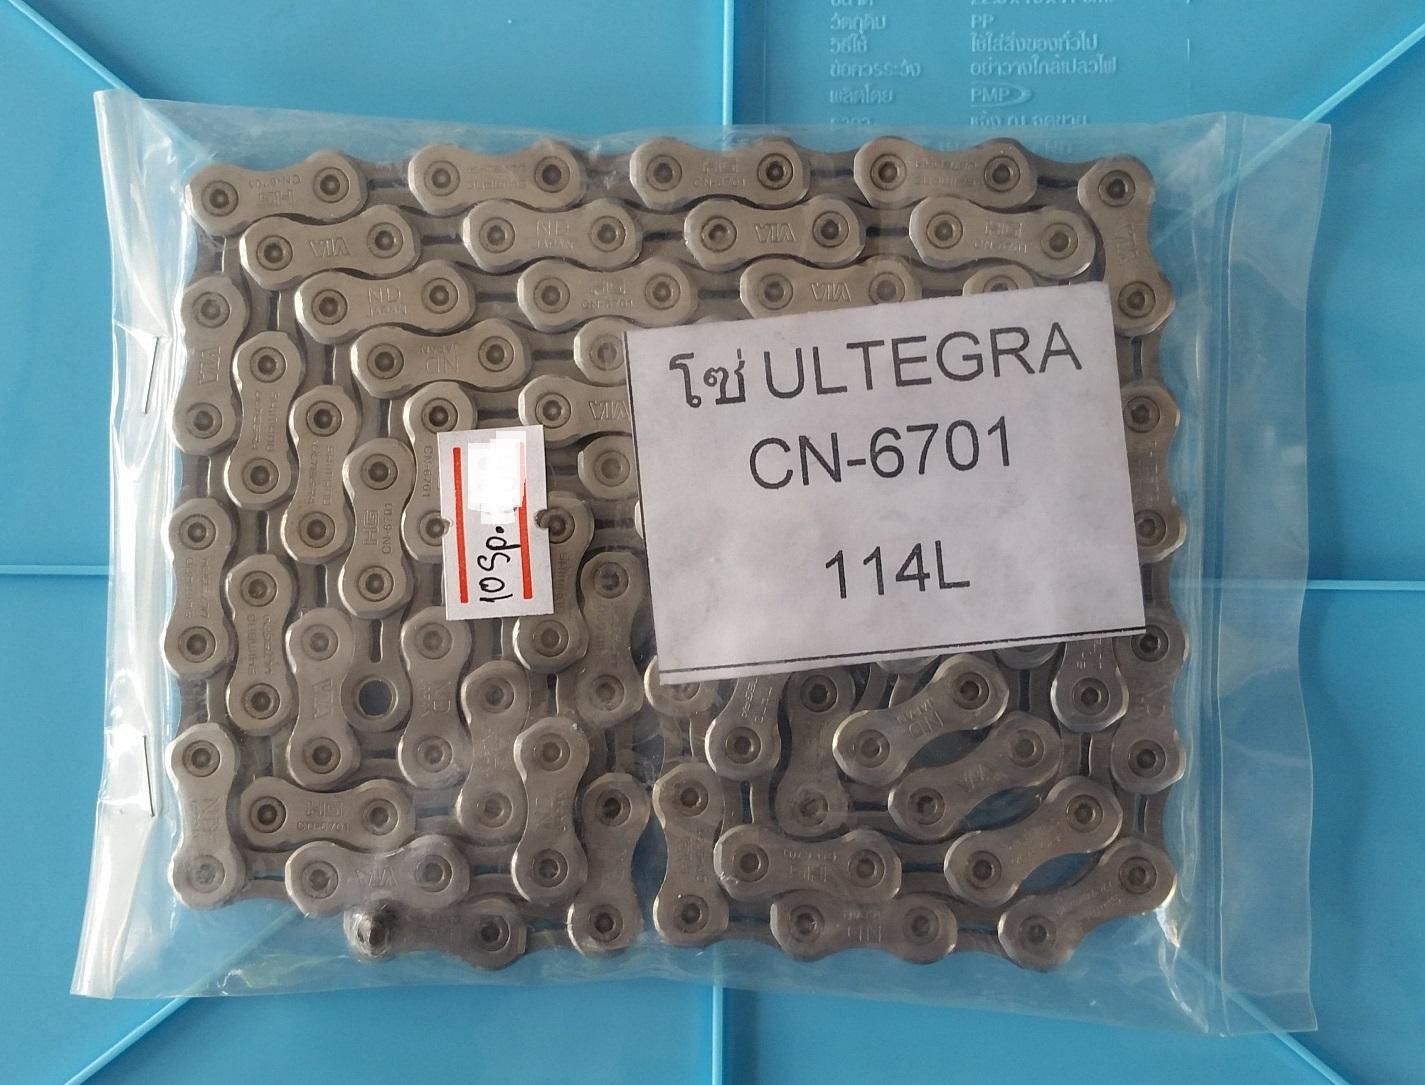 โซ่ Shimano Ultegra CN-6701 10 Speed